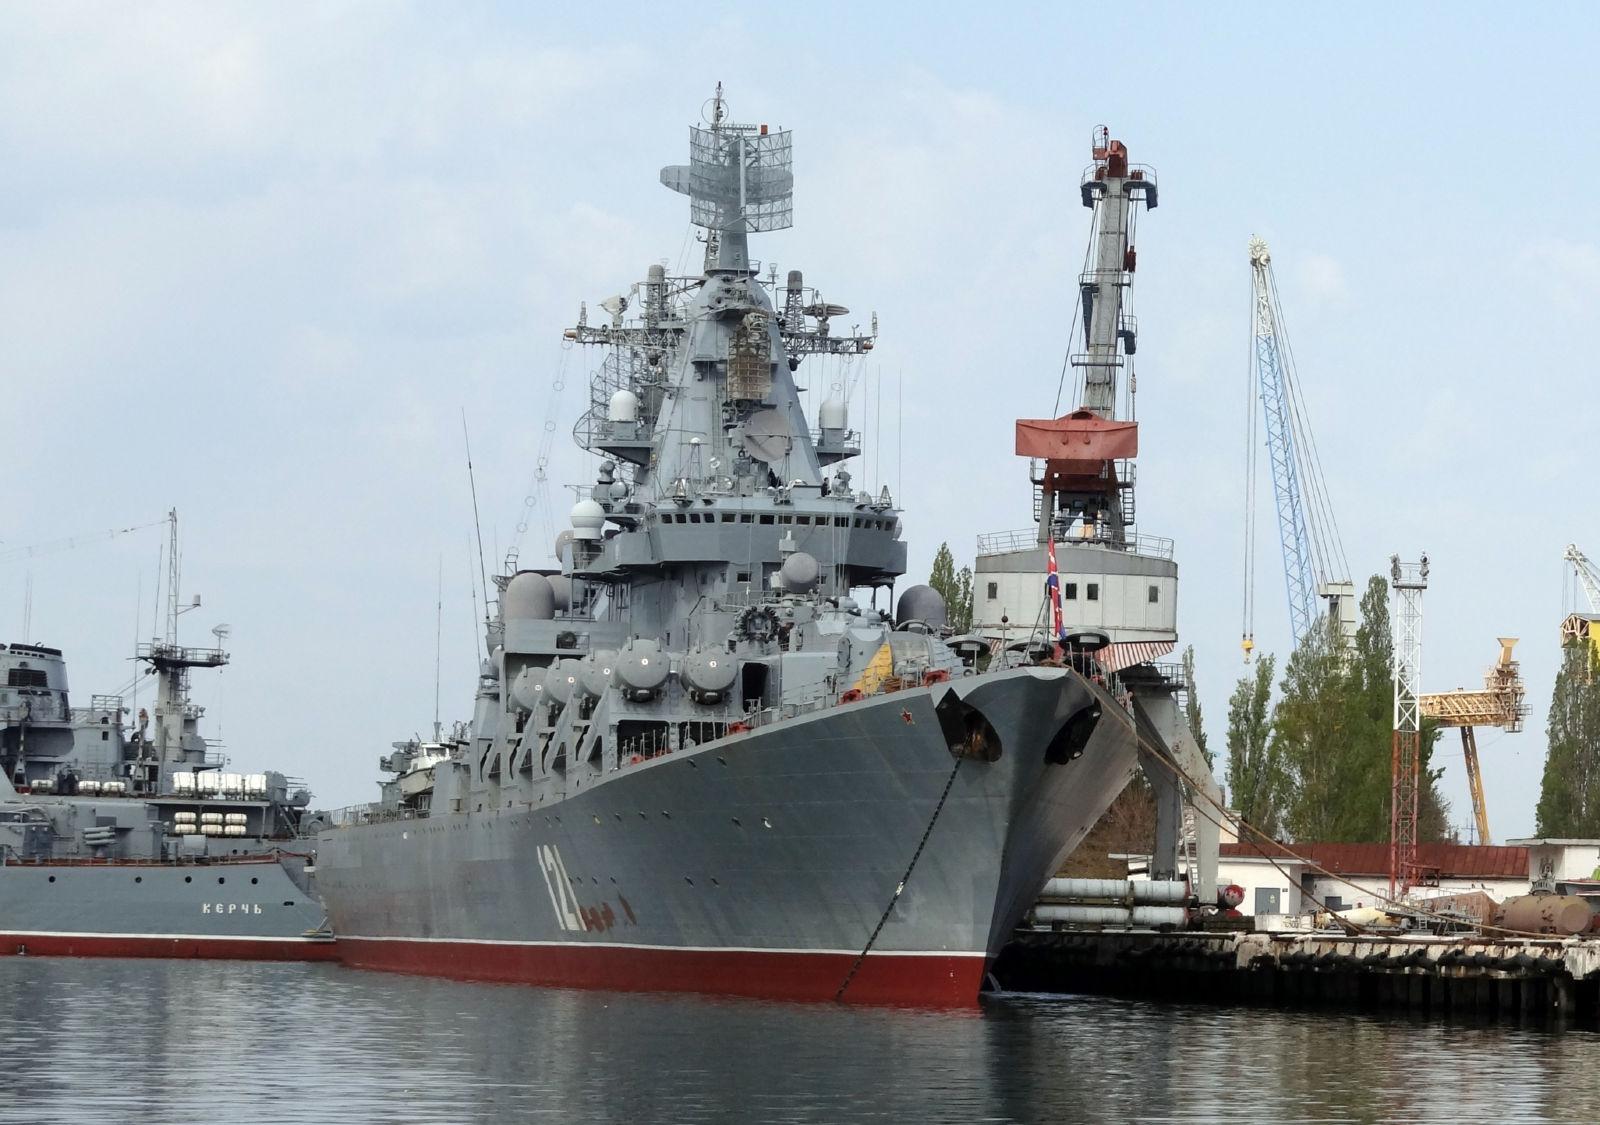 ロシア海軍黒海艦隊はセヴァストーポリで大祖国戦争勝利70周年記念観艦式の準備を始めた   N.G.クズネツォフ記念・ウリヤノフスク赤旗・親衛ロシア海軍情報管理局